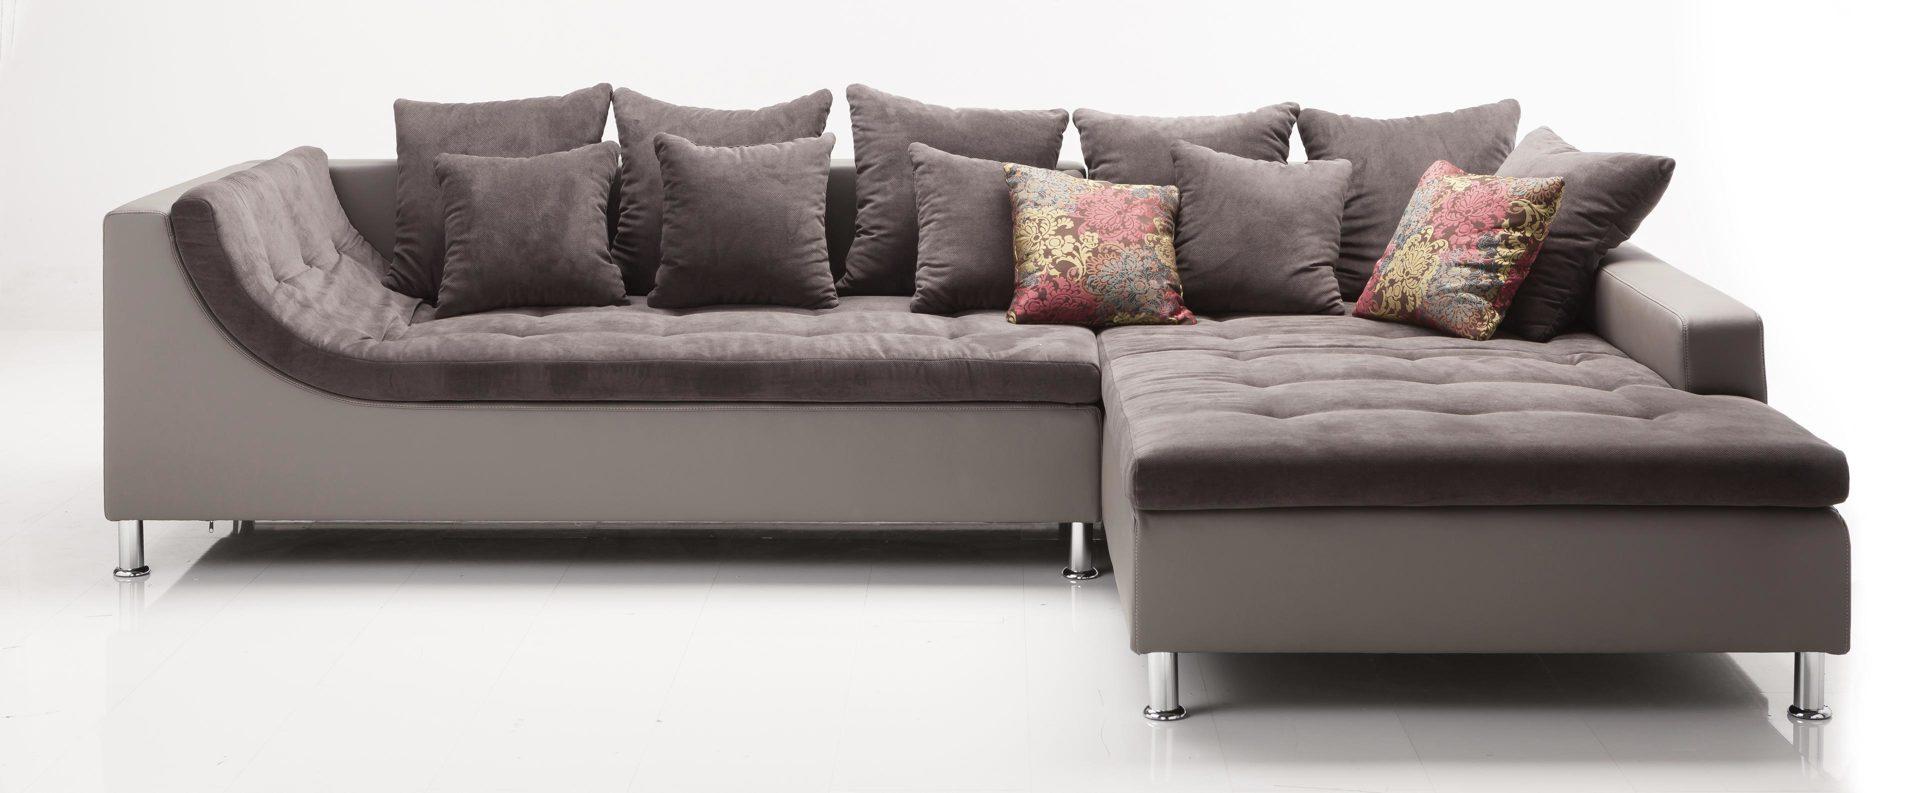 Sofa modern braun  Möbel Bernskötter Mülheim | Möbel A-Z | Couches + Sofas | Ecksofas ...